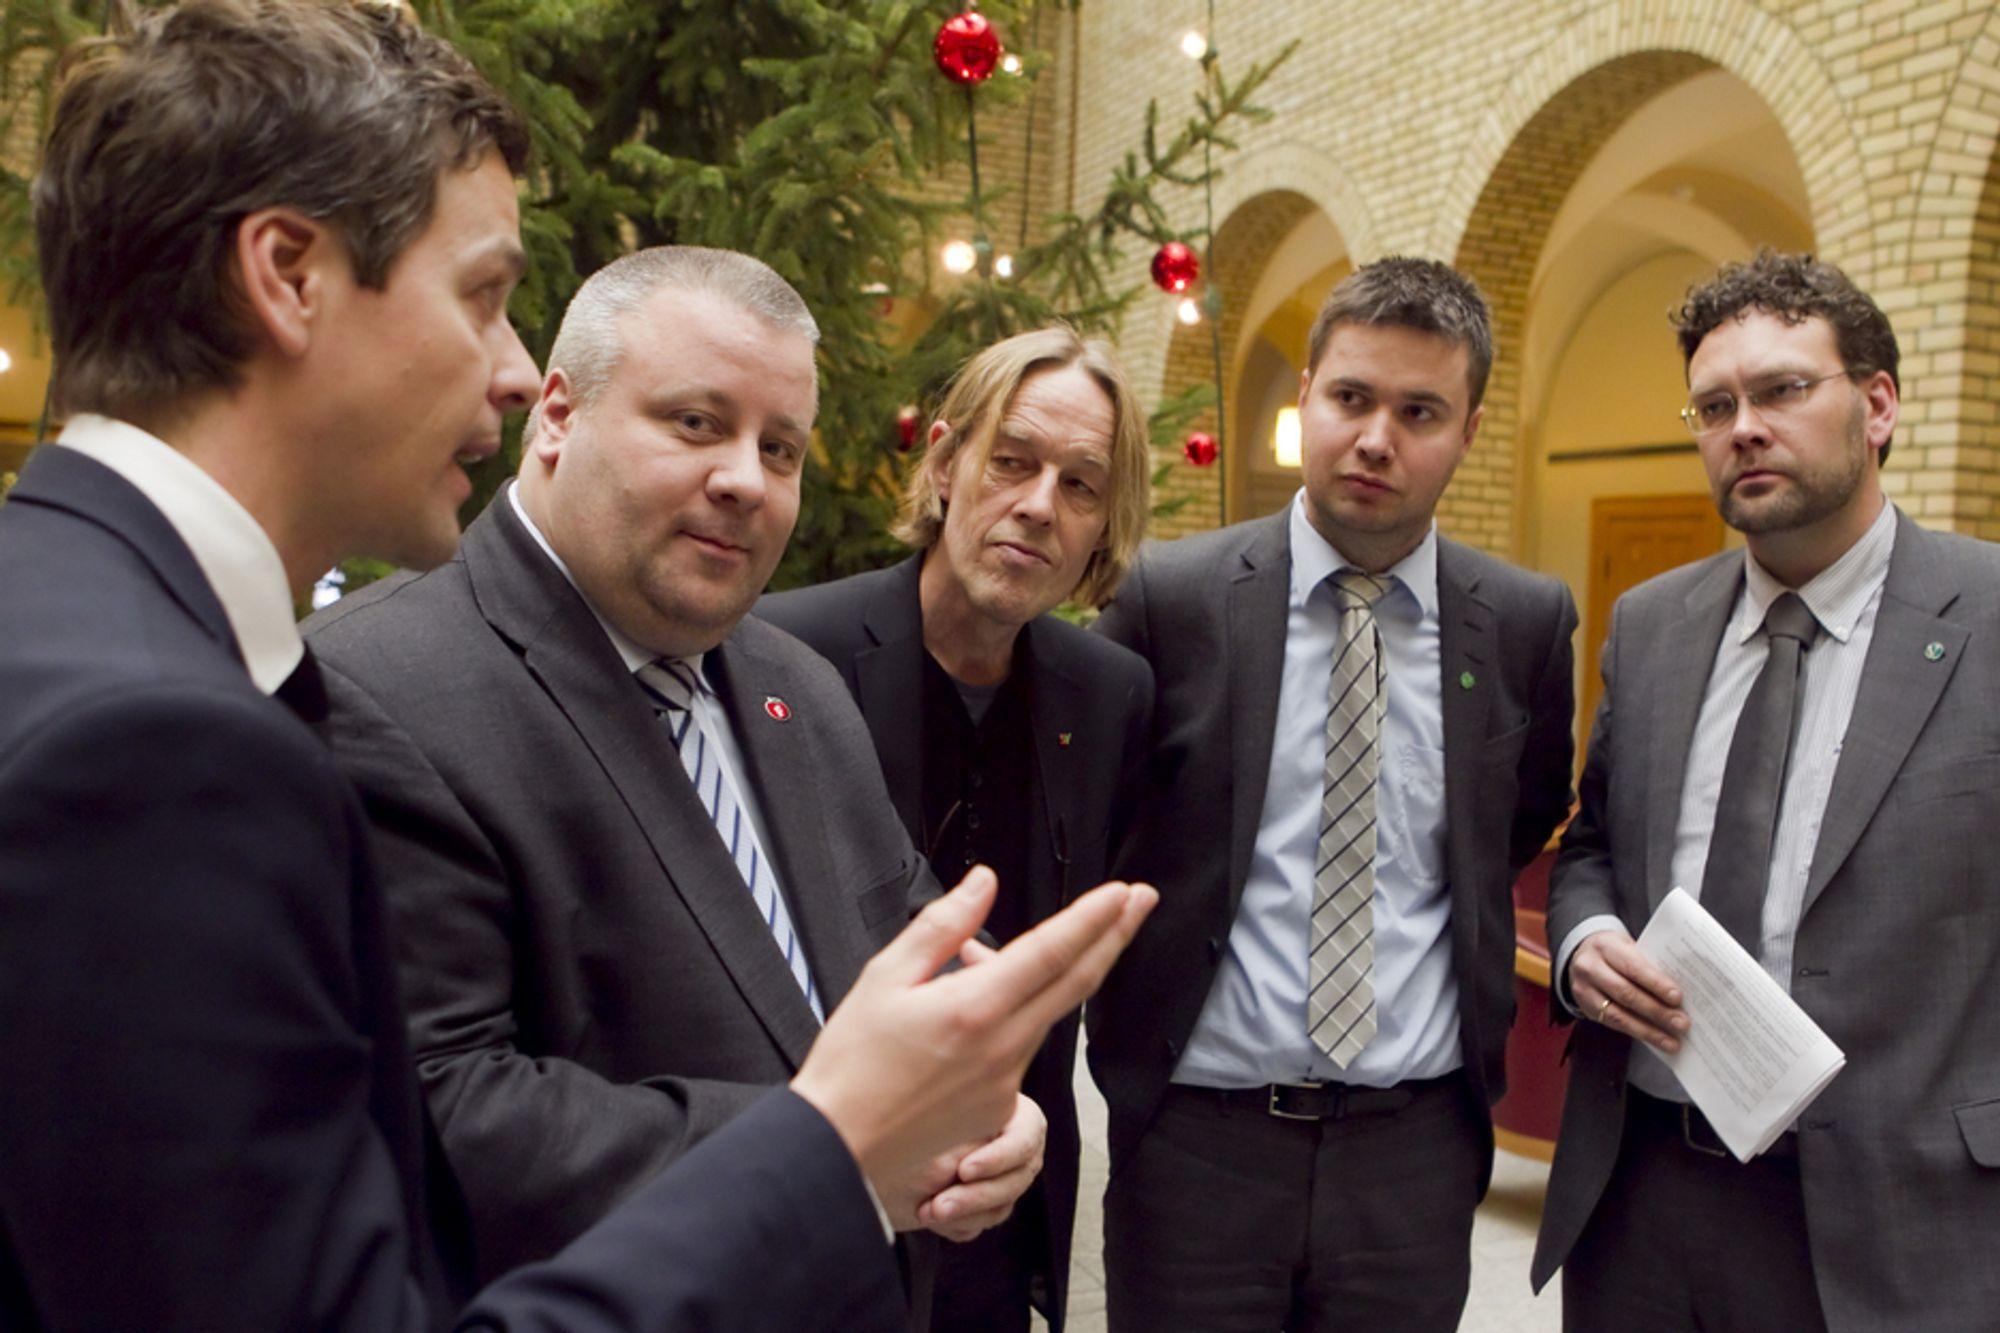 UKLOKT: Det er uklokt å presse gjennom et vedtak om datalagringsdirektivet nå, mener de fem politikerne (f.v) Knut Arild Hareide (KrF), Bård Hoksrud (Frp), Hallgeir Langeland (SV), Geir Pollestad (Sp) og Helge Solum Larsen (V).